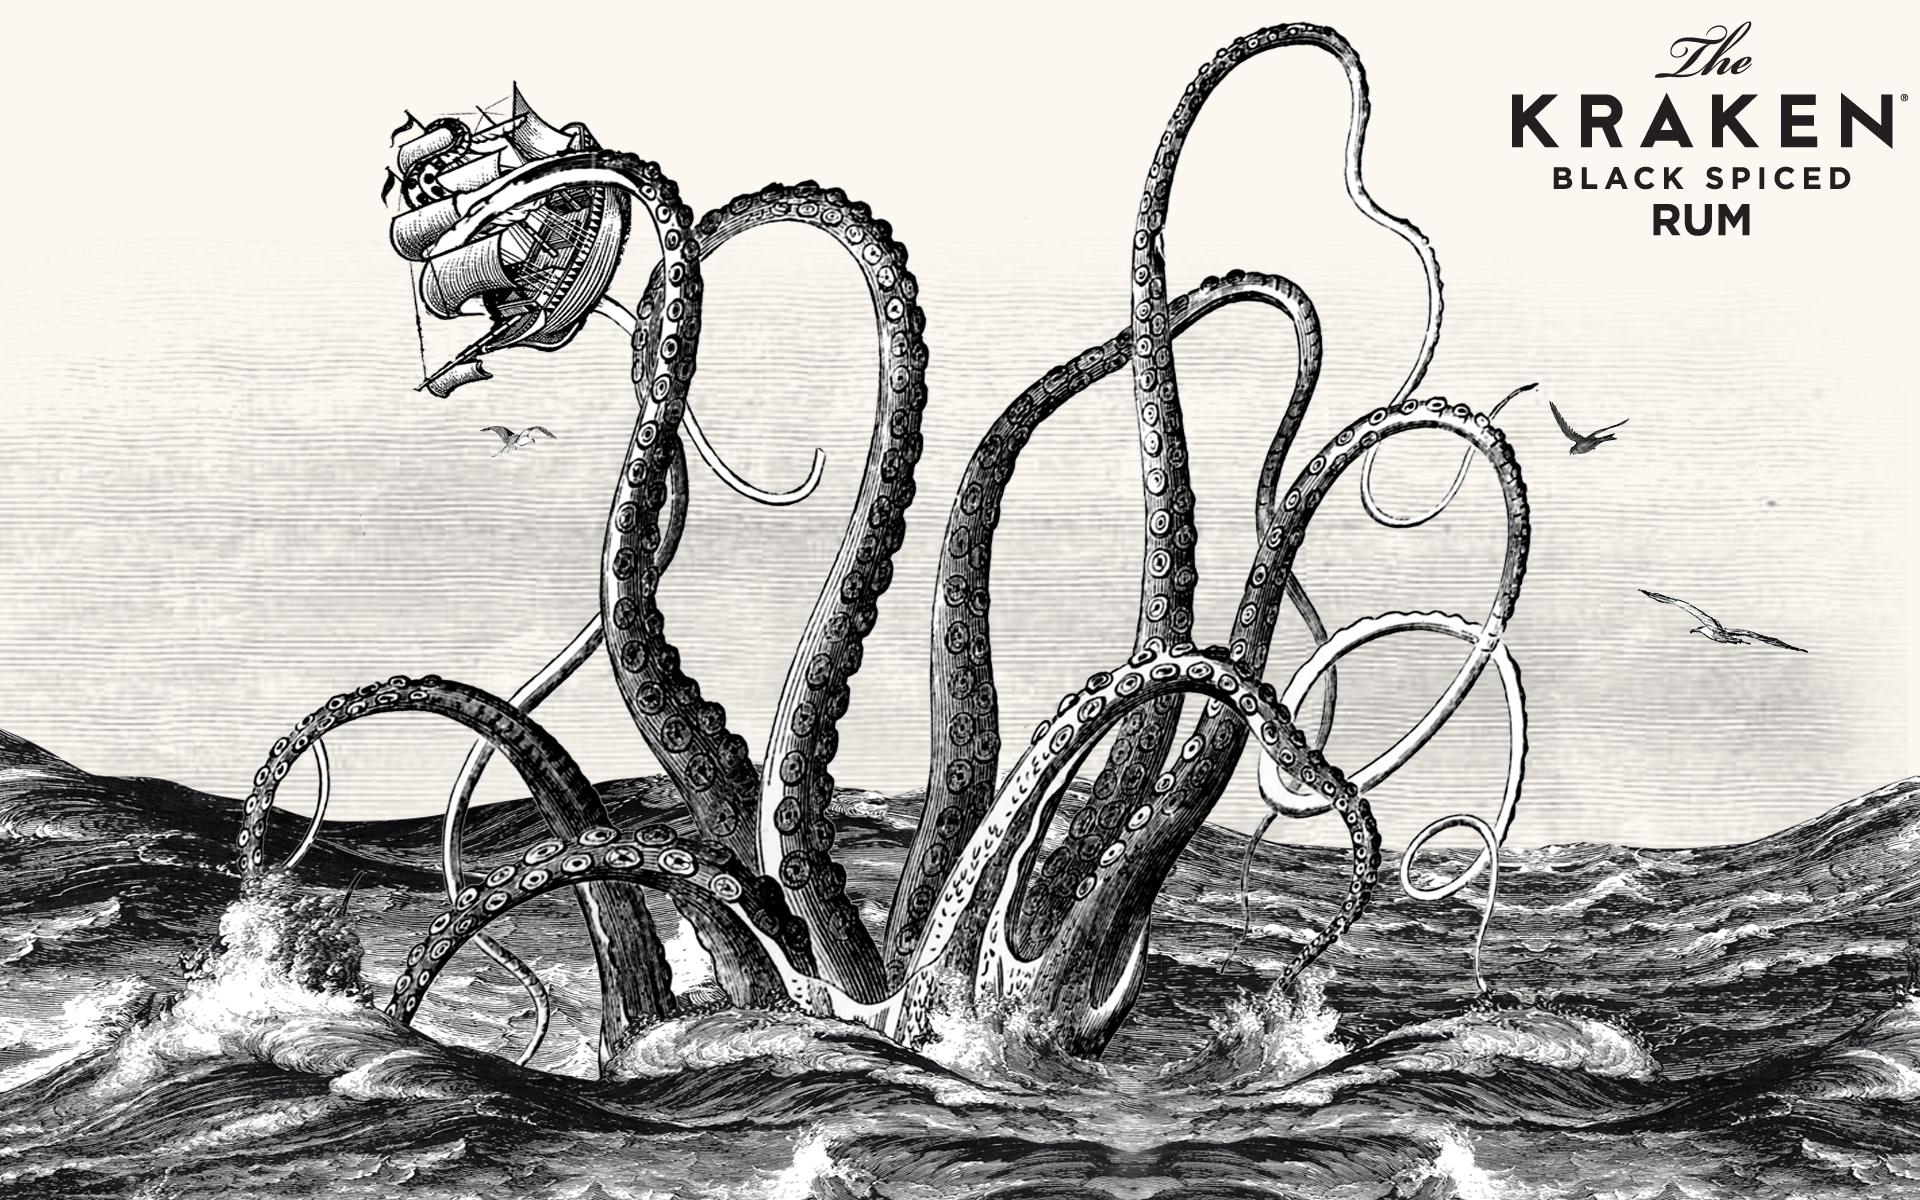 kraken spiced rum wallpaper 66306